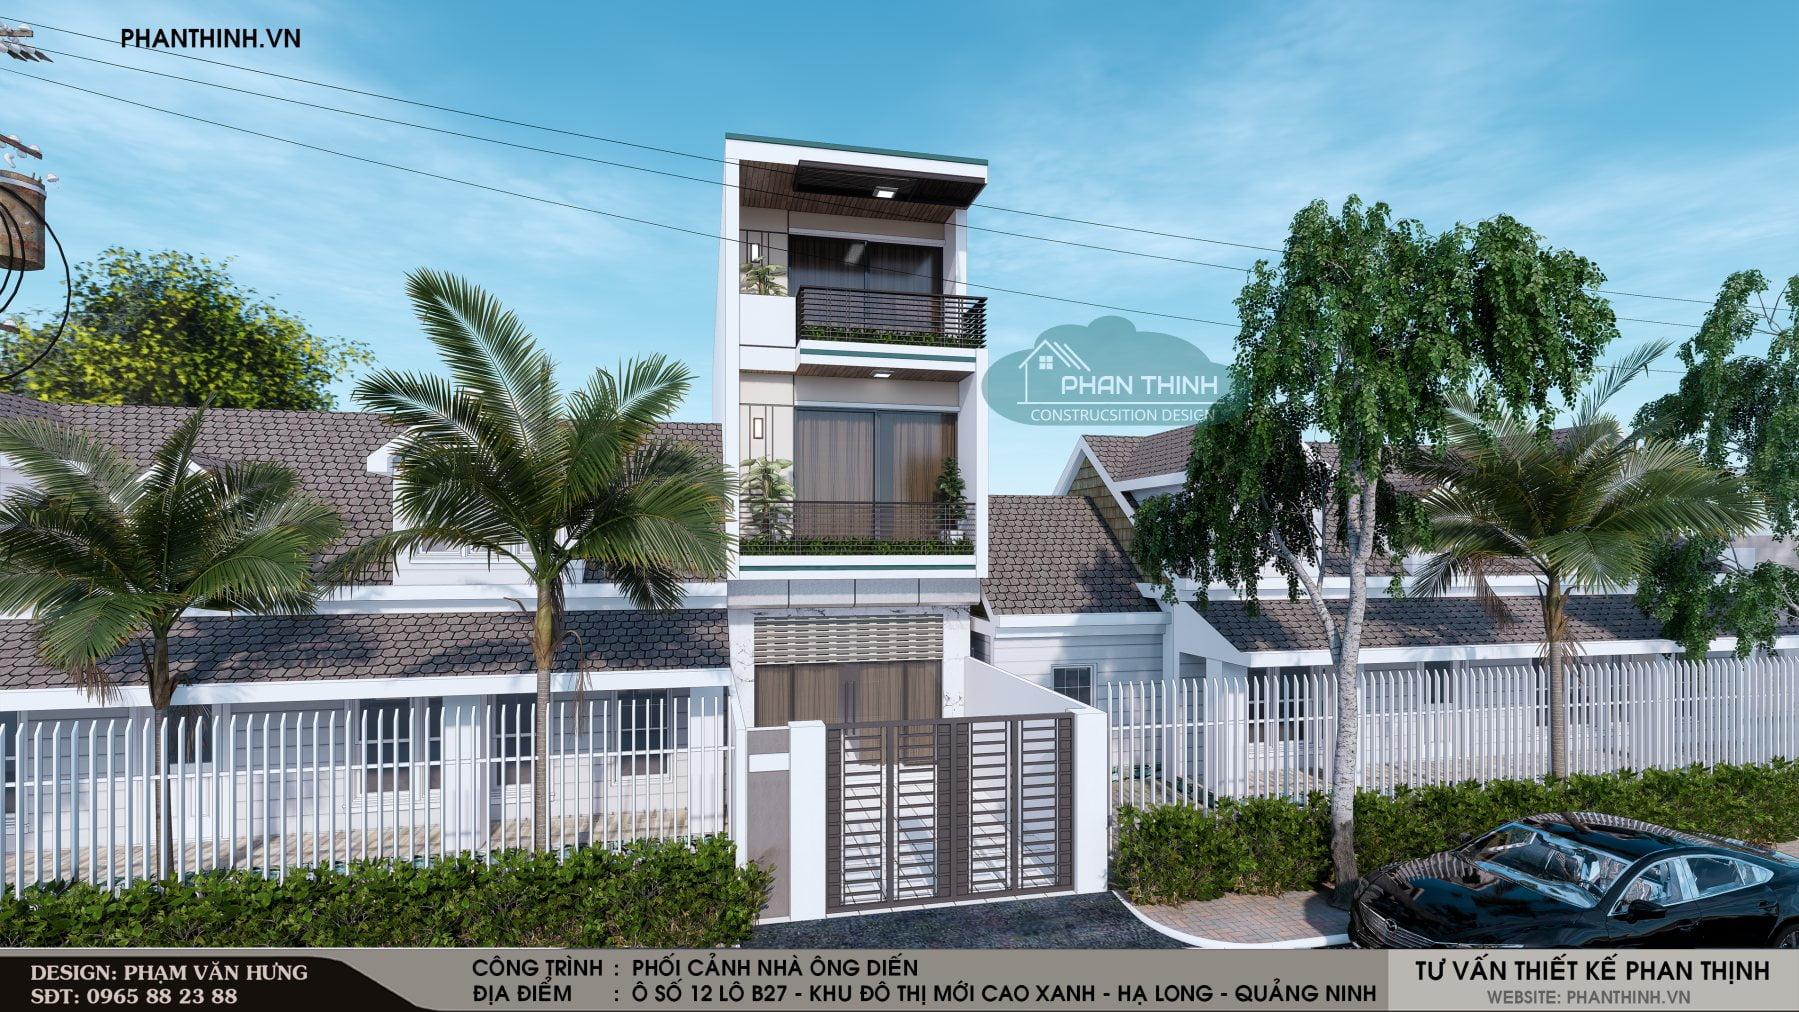 Mặt tiền thiết kế được chủ nhà ưa thích và lựa chọn cho ngôi nhà